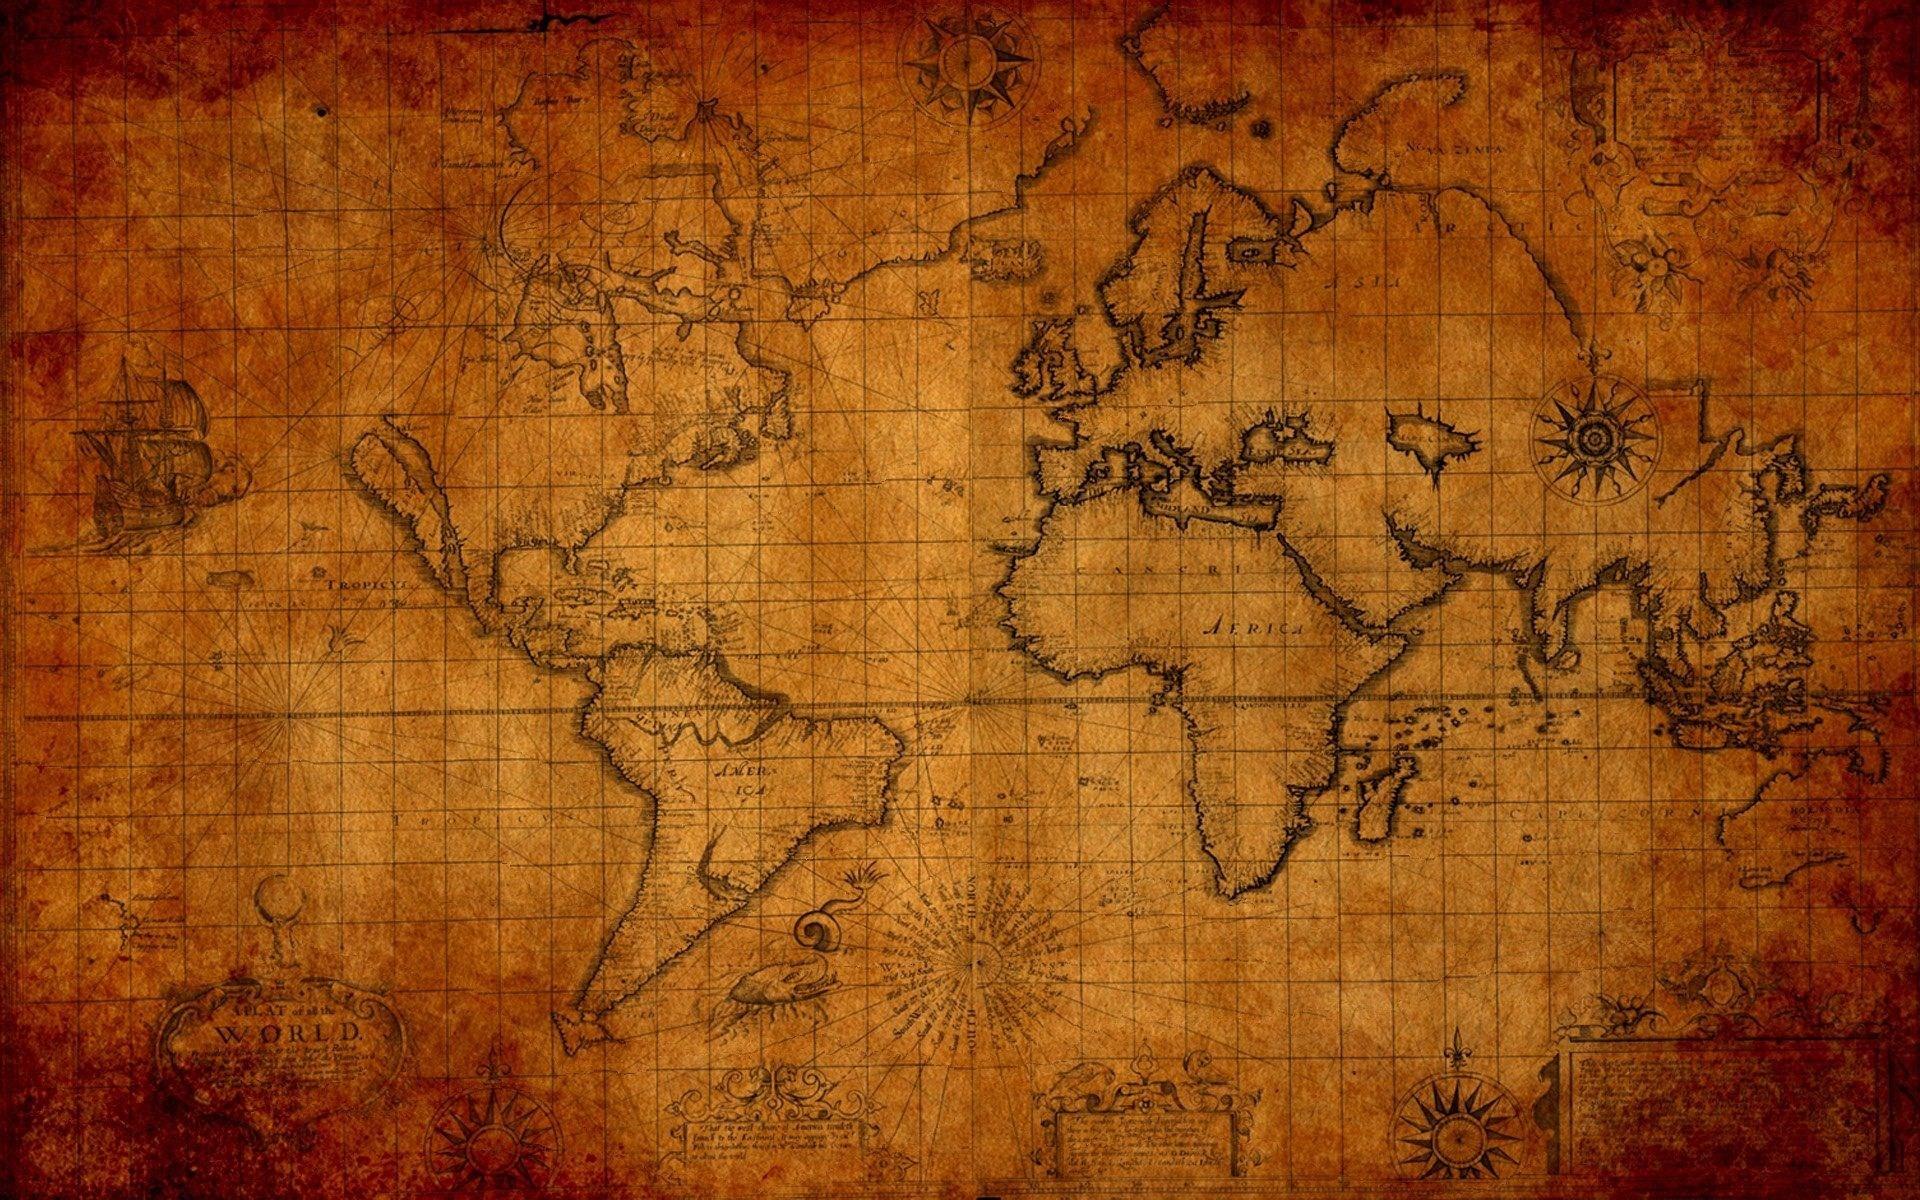 Antique world map wallpaper 39 images 1920x1200 old world map digital art hd desktop wallpaper earth wallpaper map wallpaper gumiabroncs Images